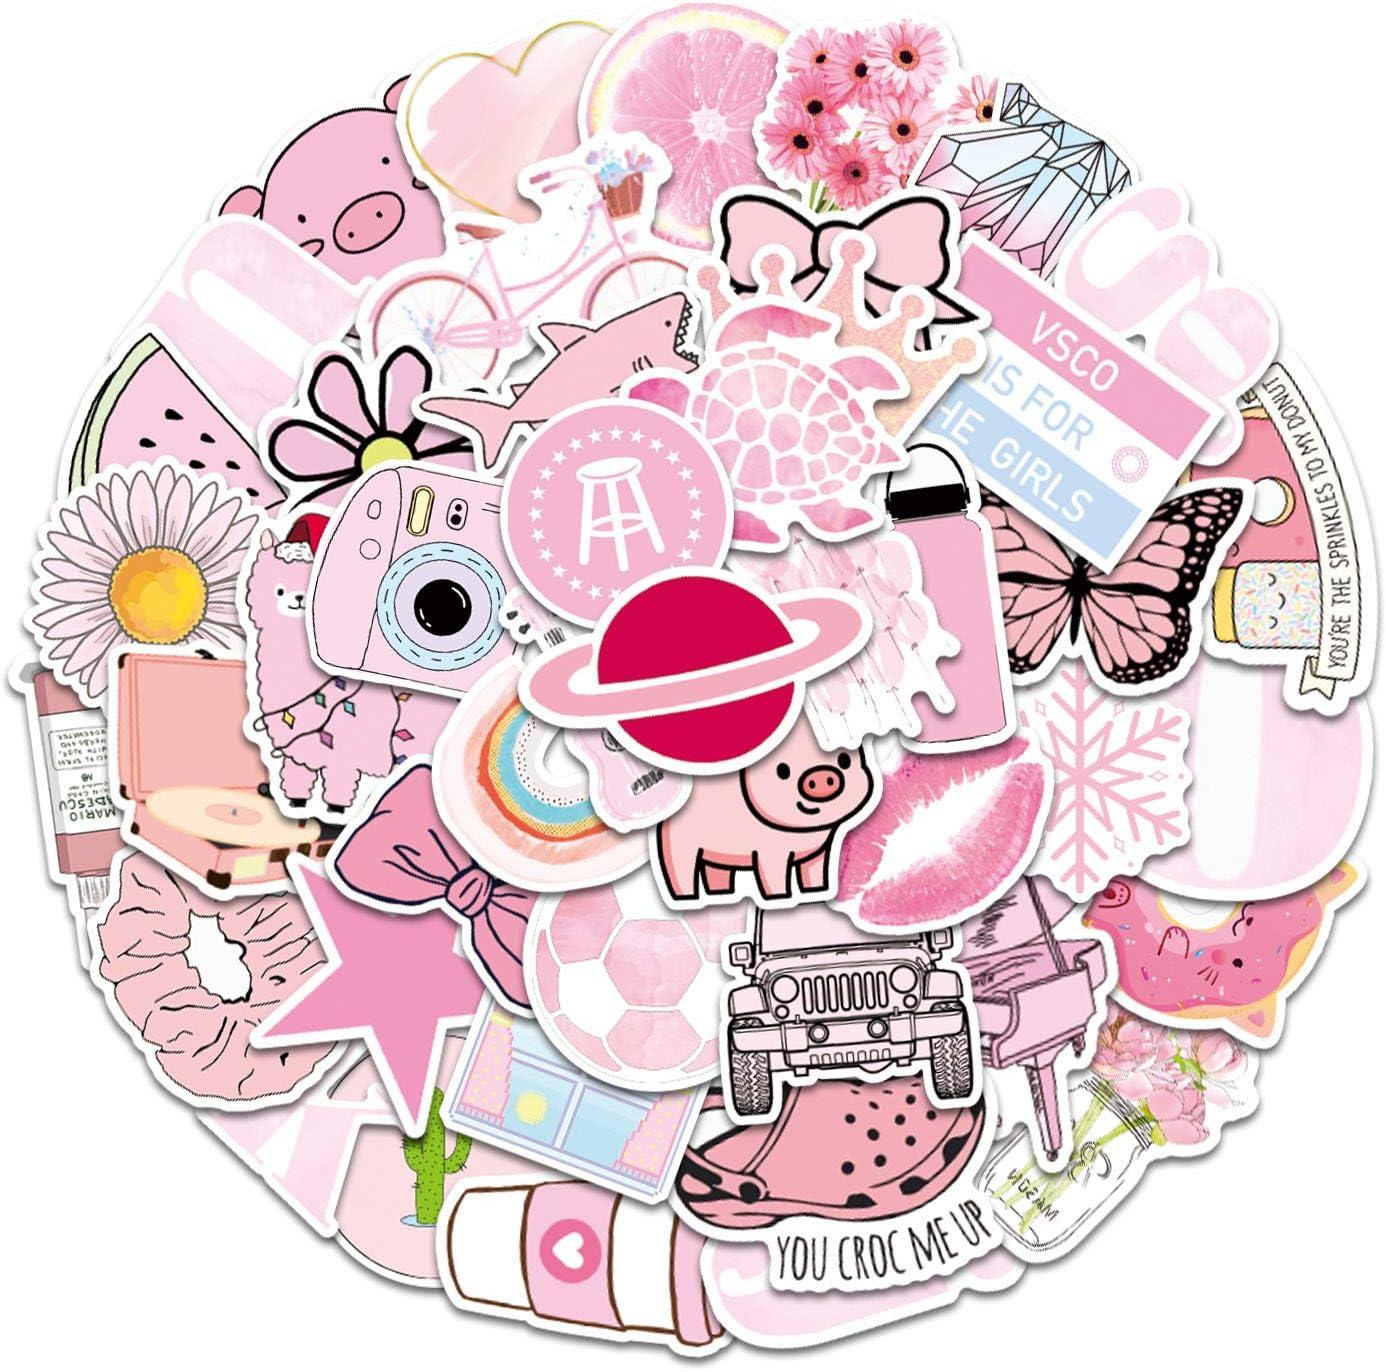 100 Pcs Pink VSCO Stickers for Hydroflask - Waterproof Vinyl Pastel Stickers for Laptop Hydroflask Water Bottles VSCO Girl(E-131)